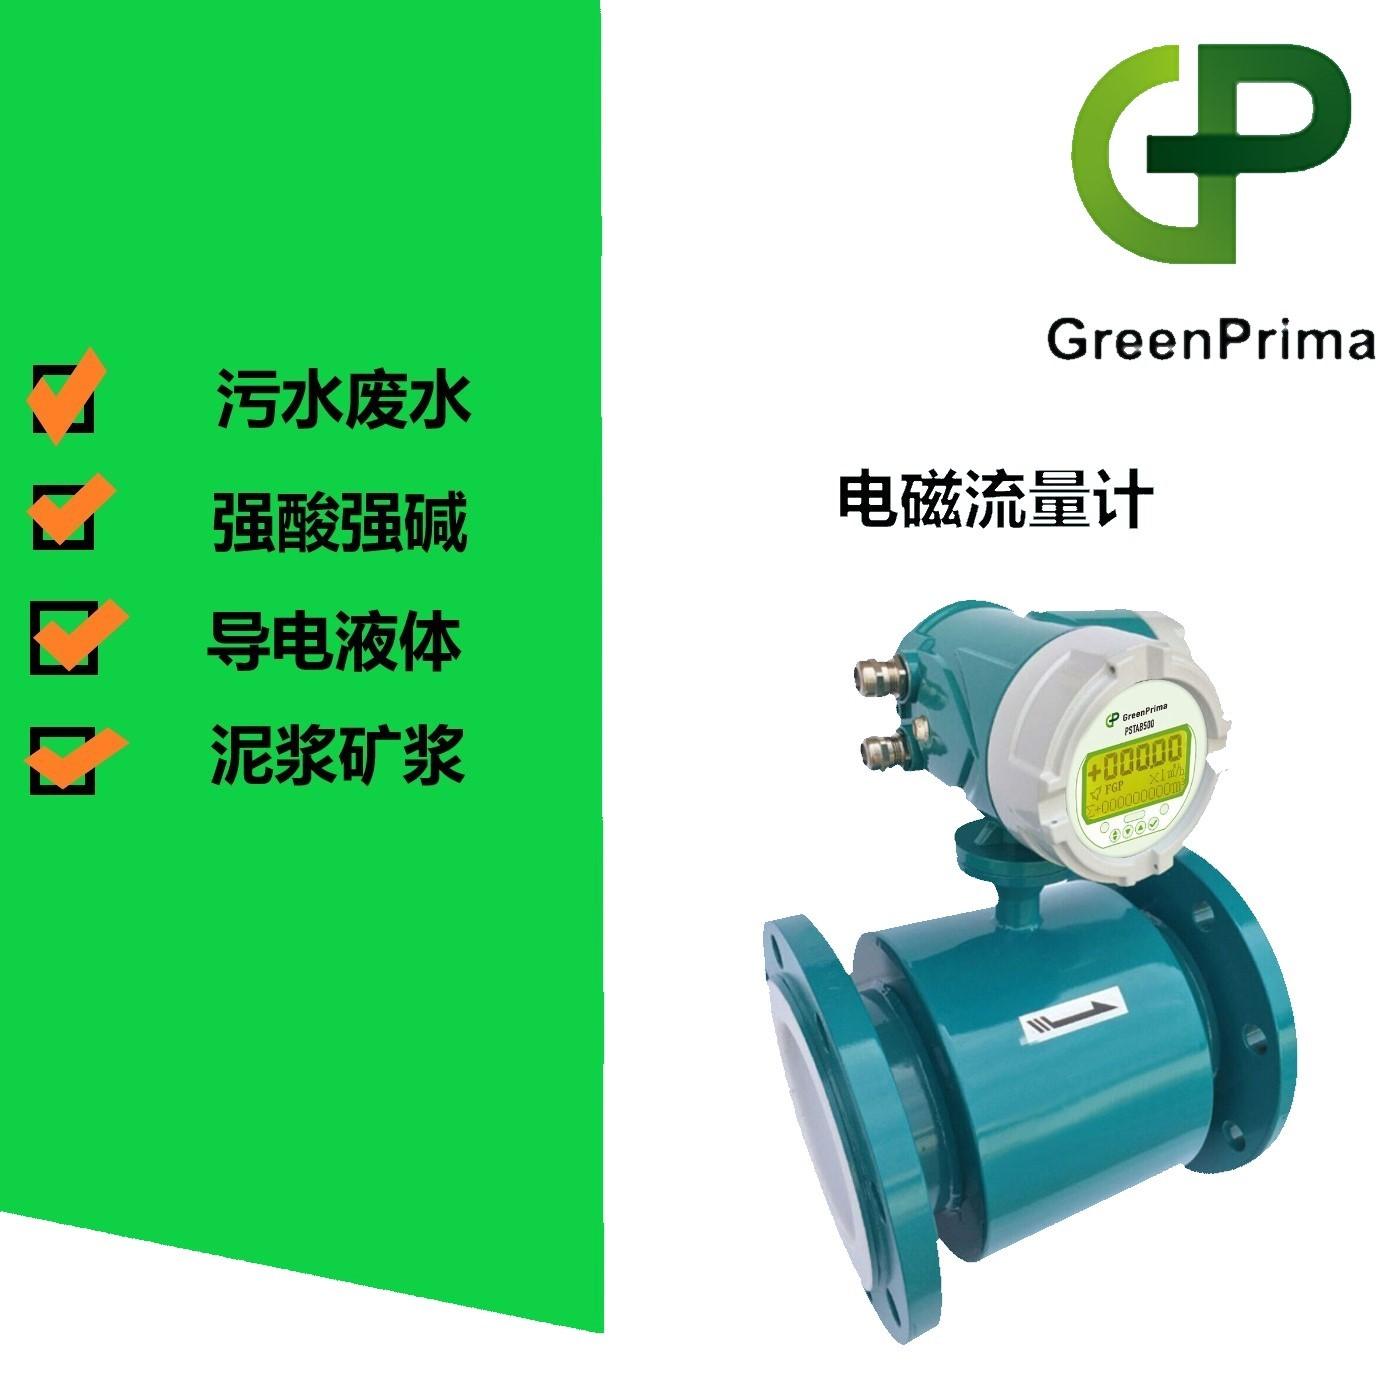 不锈钢电磁流量计_英国GREENPRIMA_定制生产